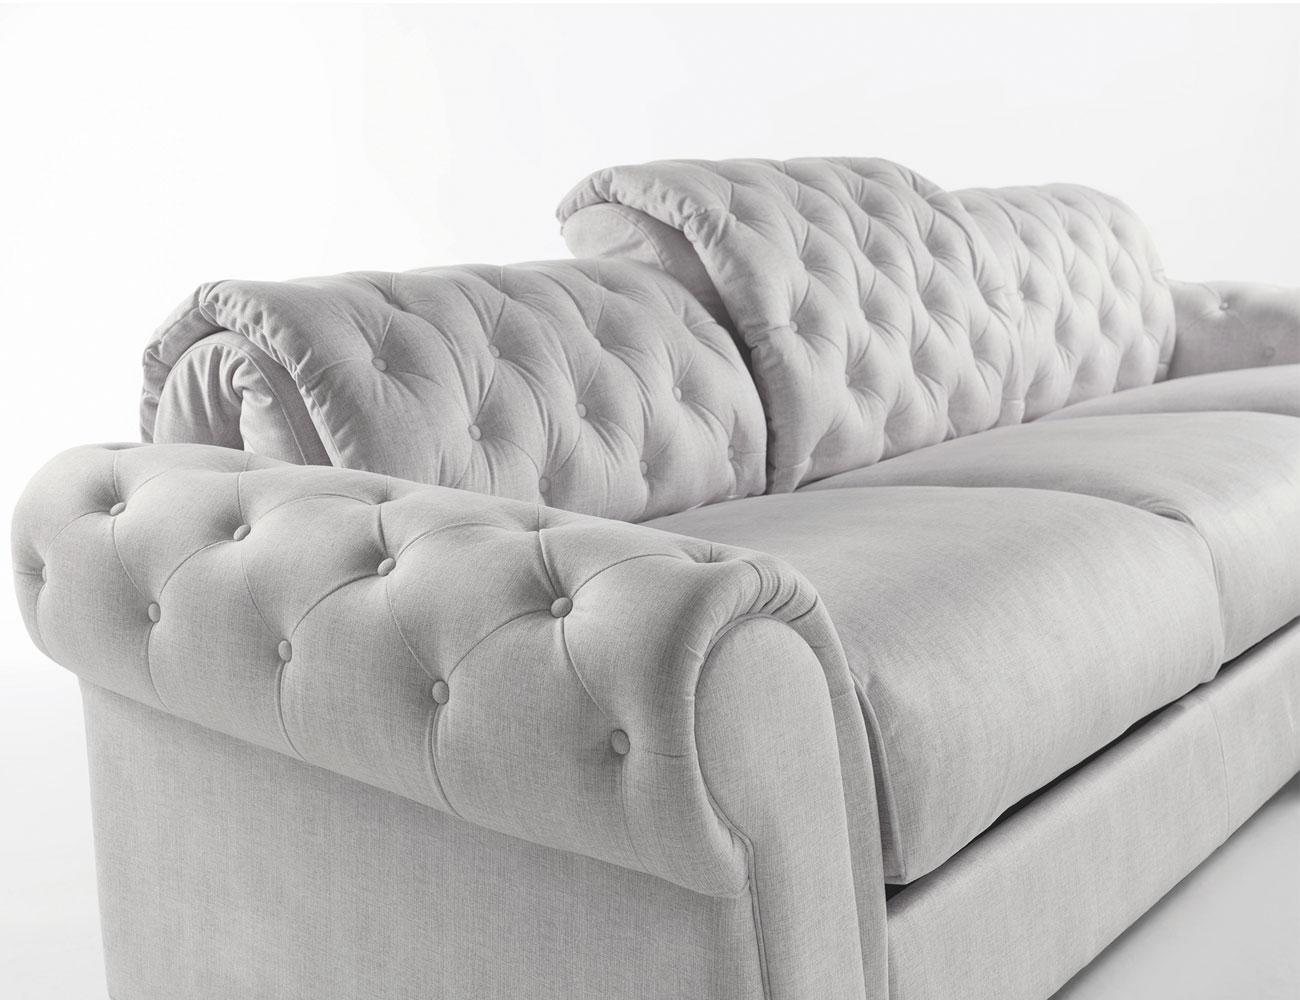 Sofa chaiselongue gran lujo decorativo capitone blanco tela 156